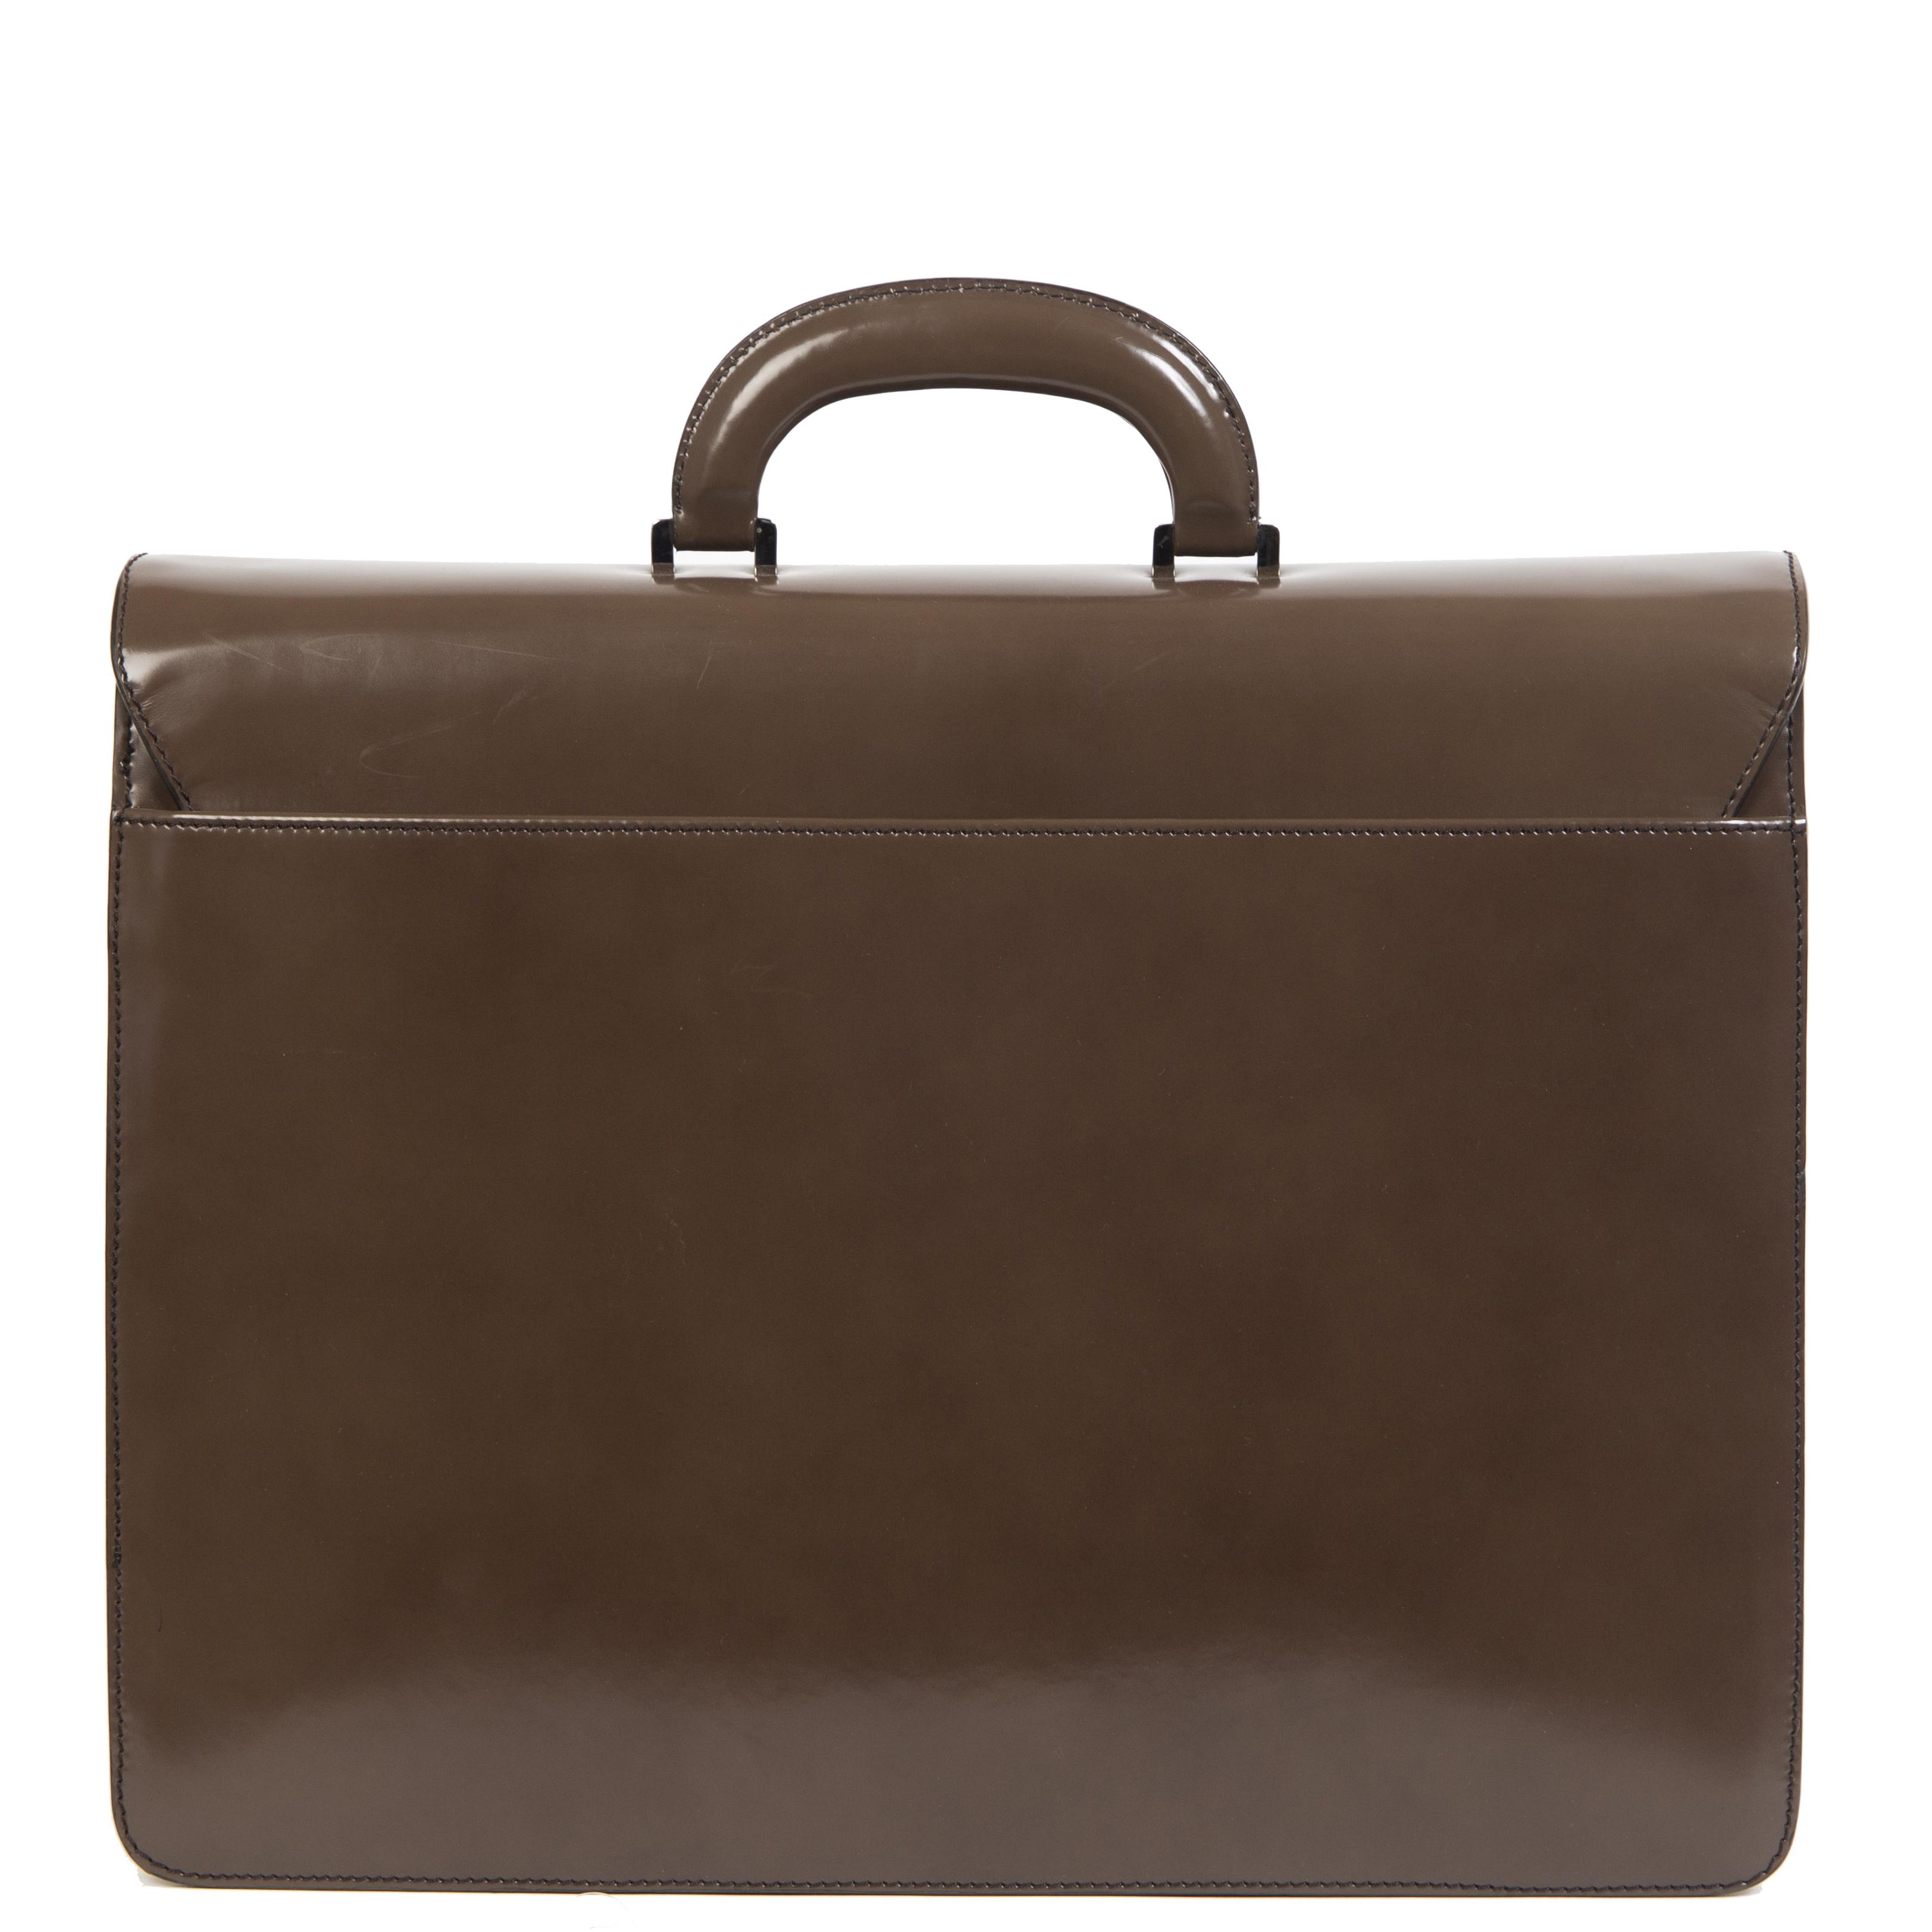 Authentieke Tweedehands Bally Brown Patent Leather Briefcase juiste prijs veilig online shoppen luxe merken webshop winkelen Antwerpen België mode fashion